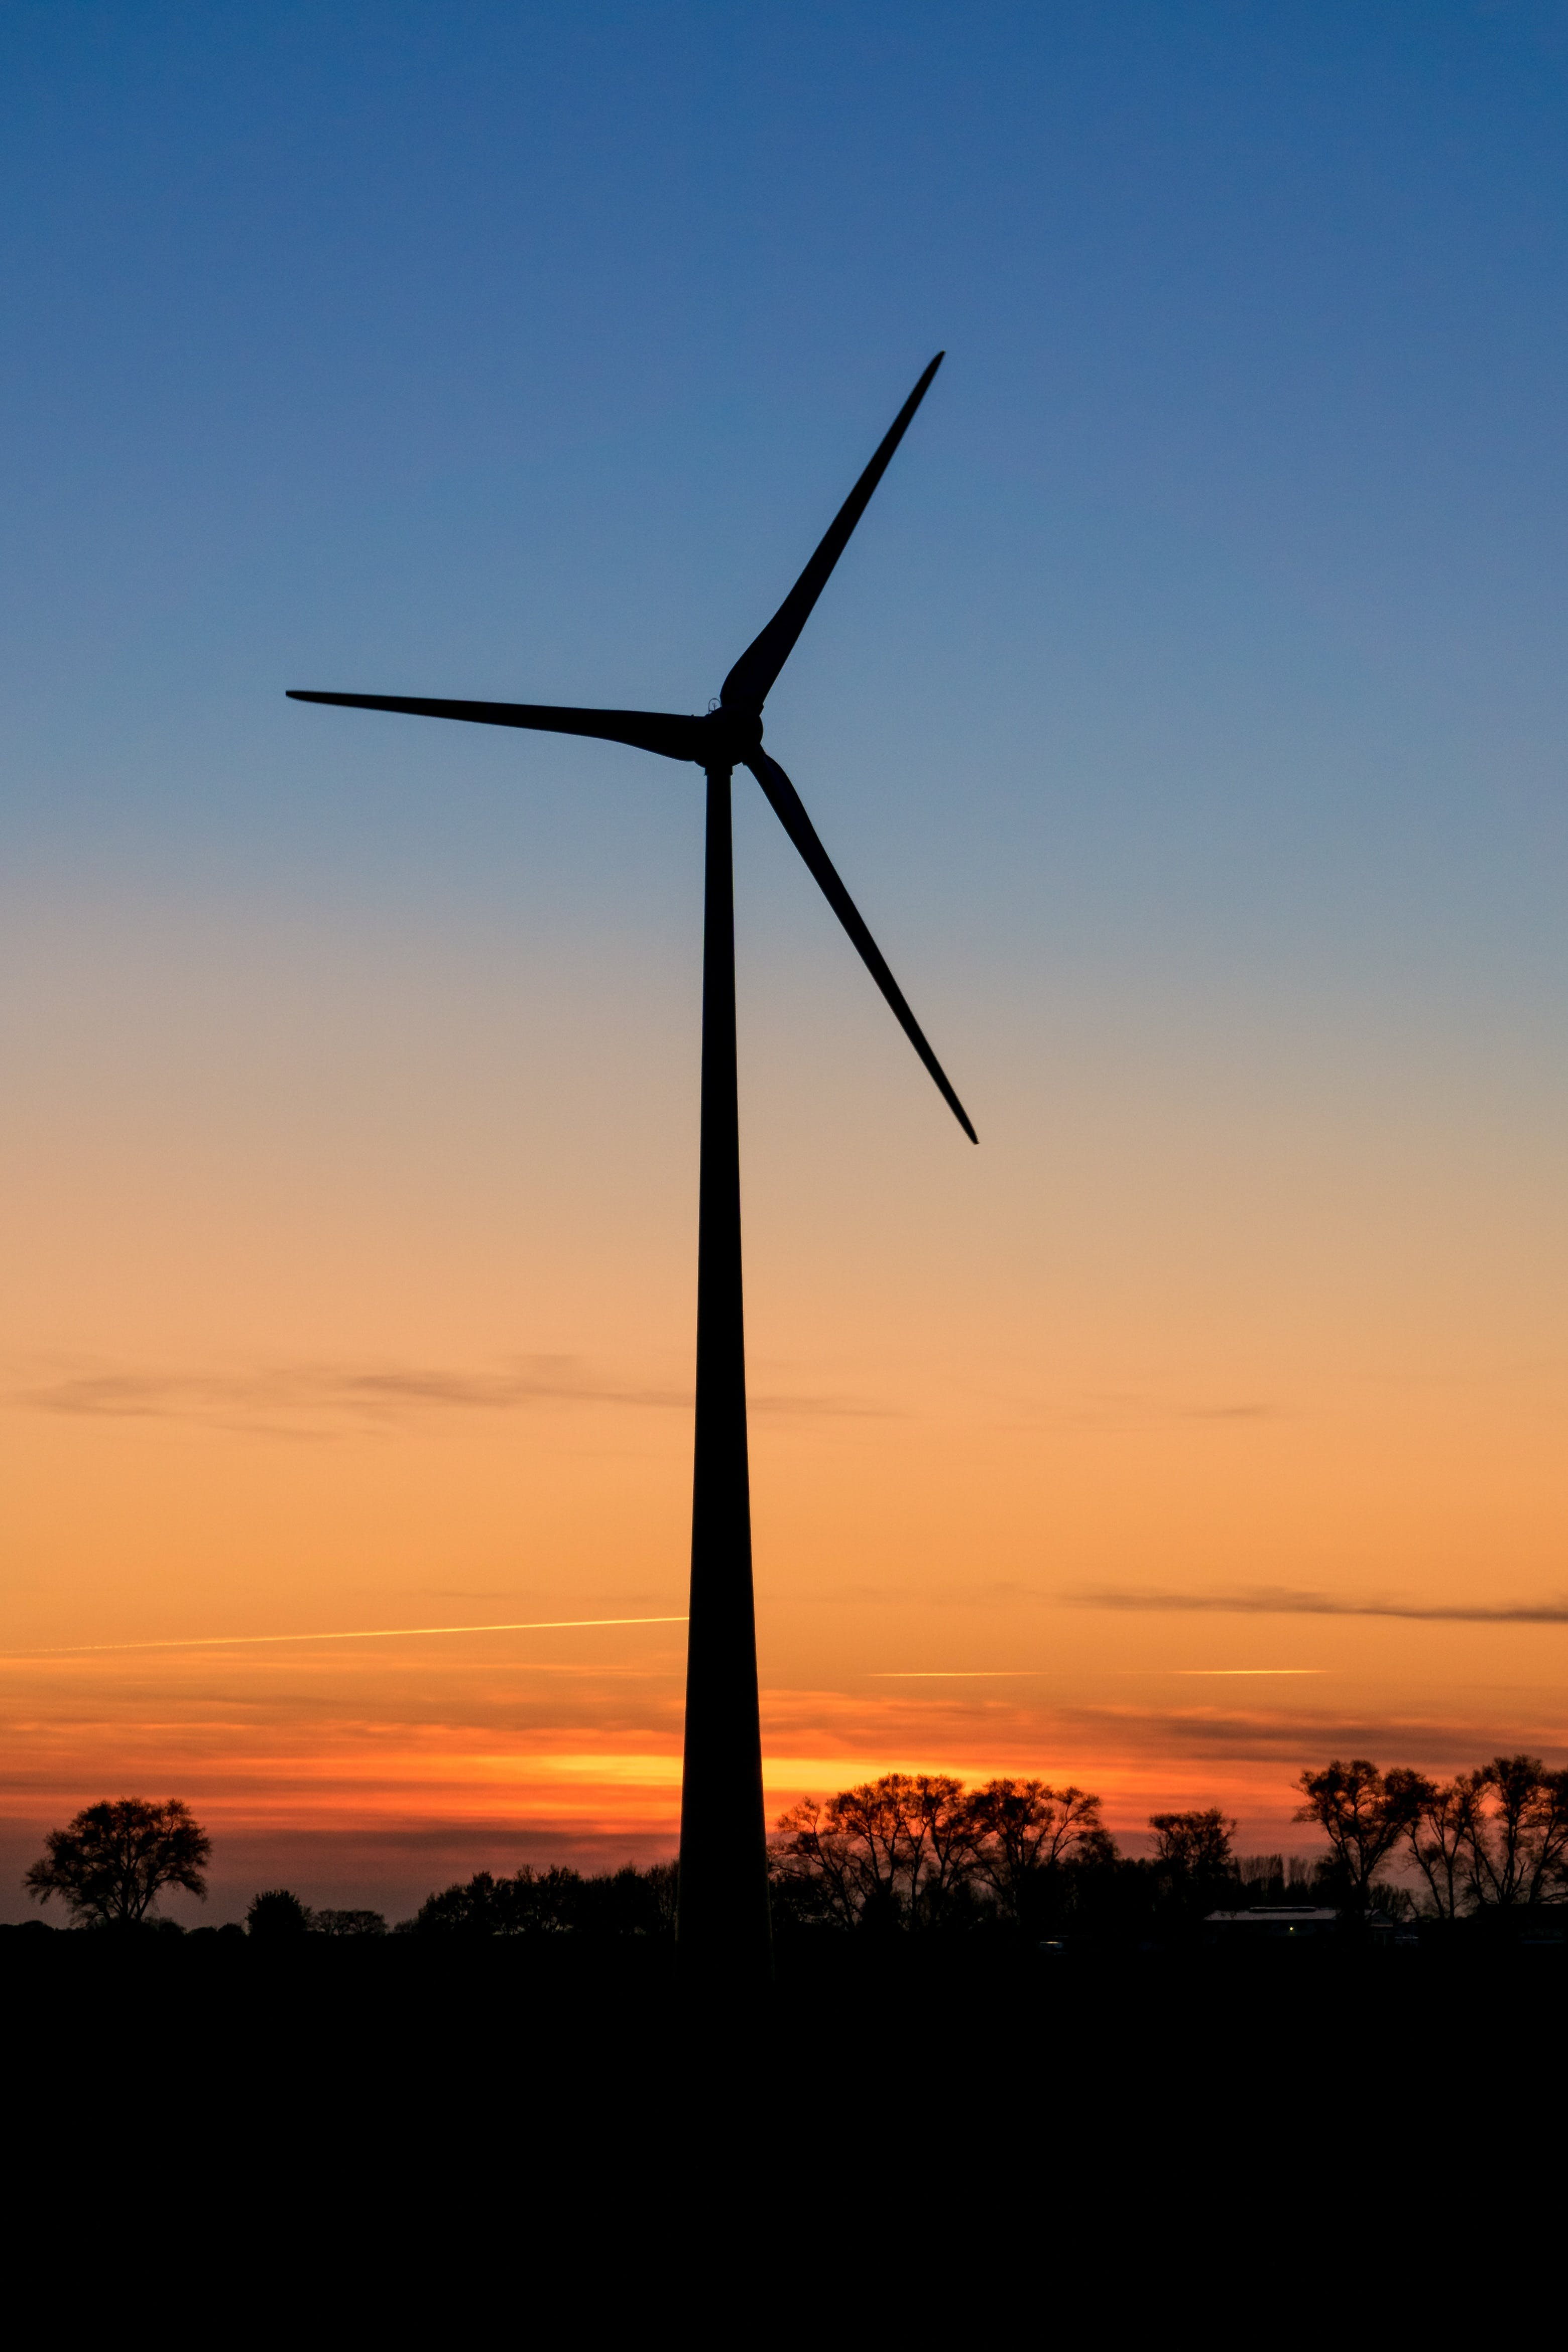 Gratis arkivbilde med alternativ energi, daggry, elektrisitet, energi